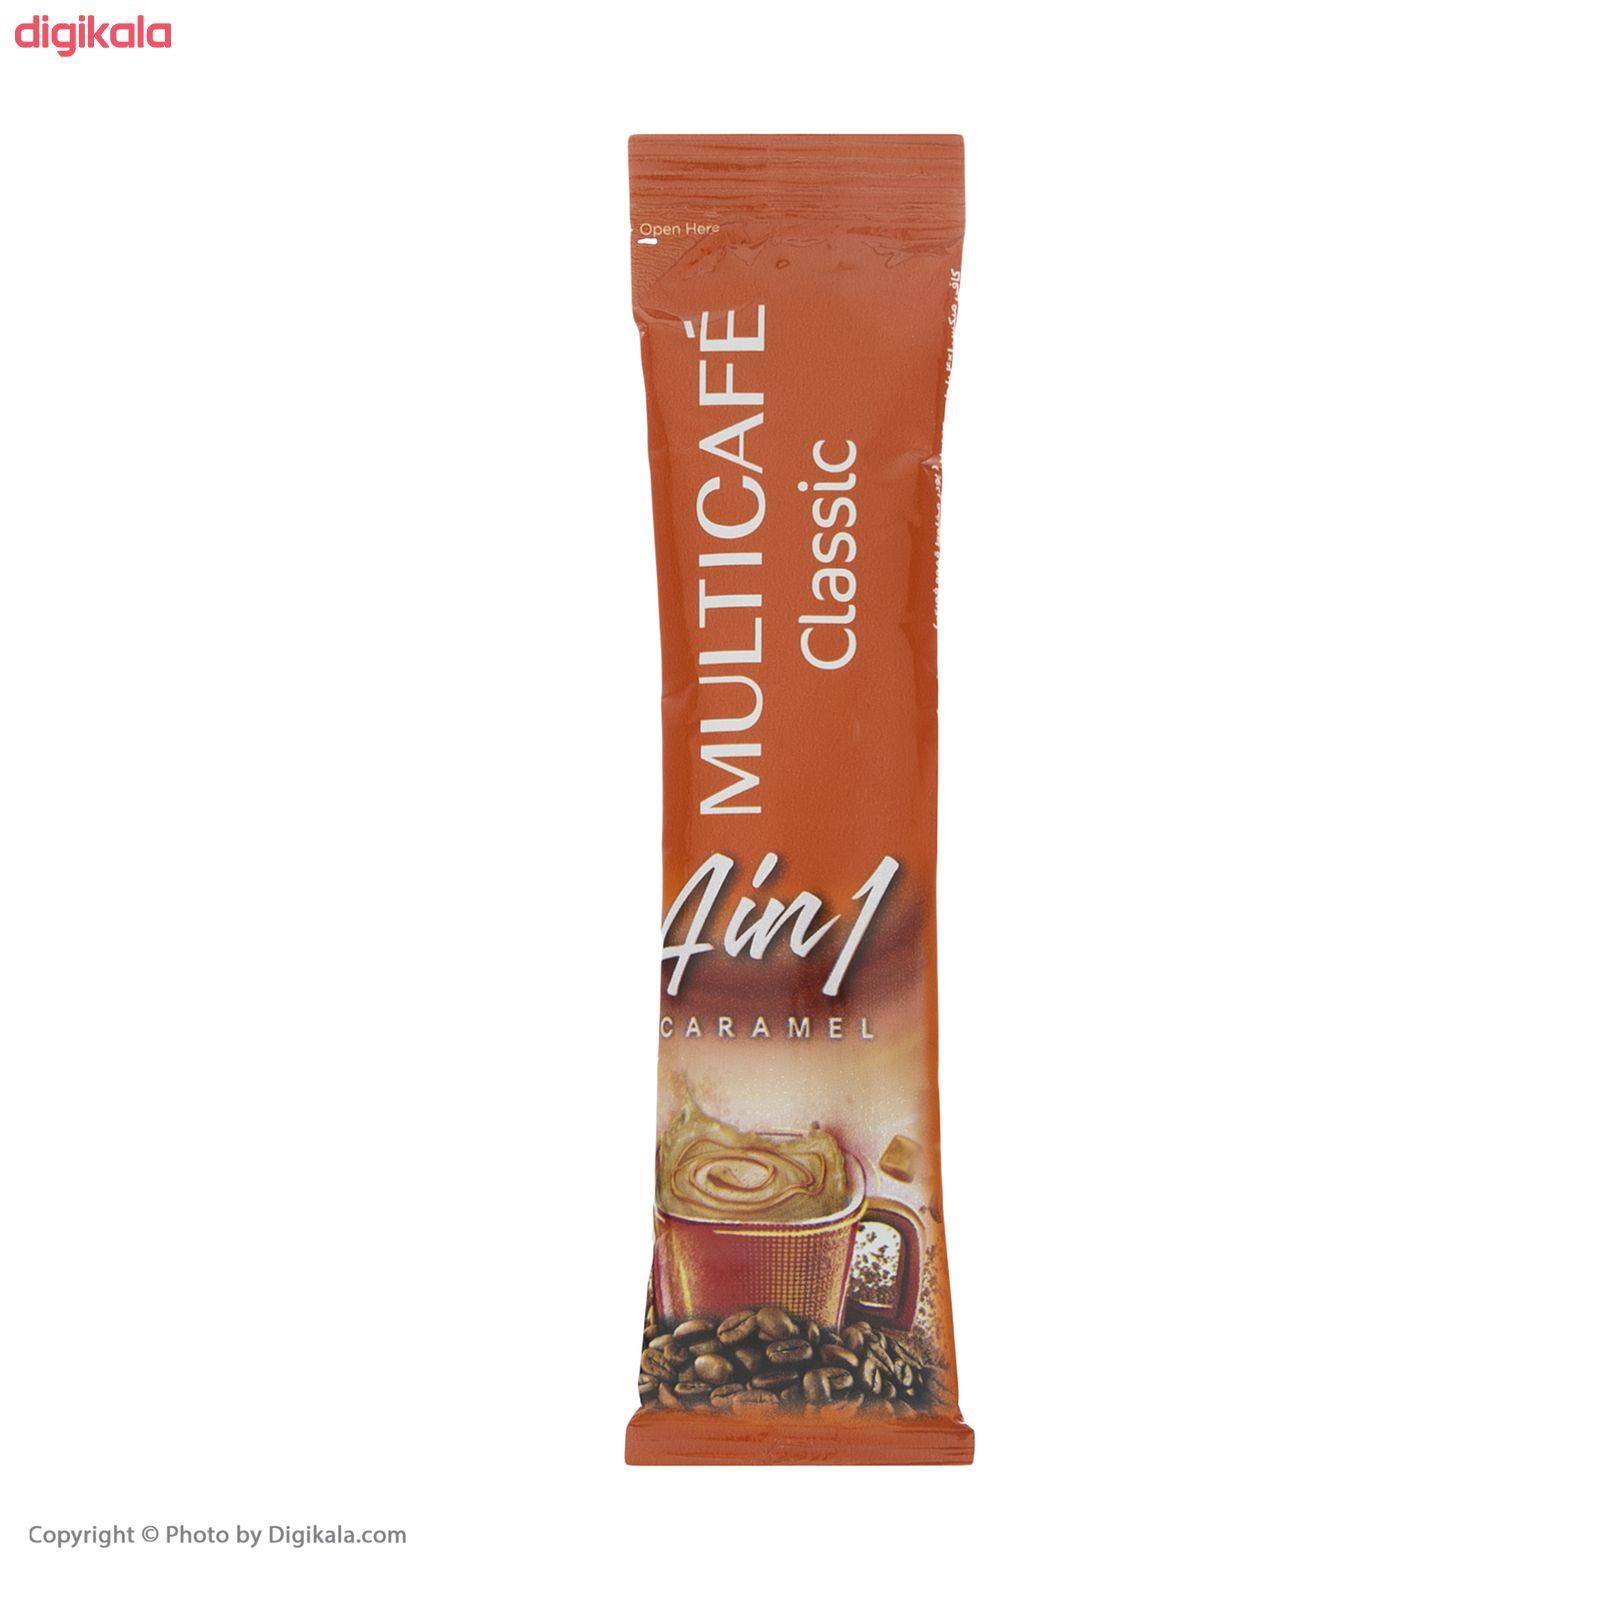 پودر قهوه فوری 1 × 4 کلاسیک مولتی کافه - 18 گرم بسته 24 عددی main 1 2